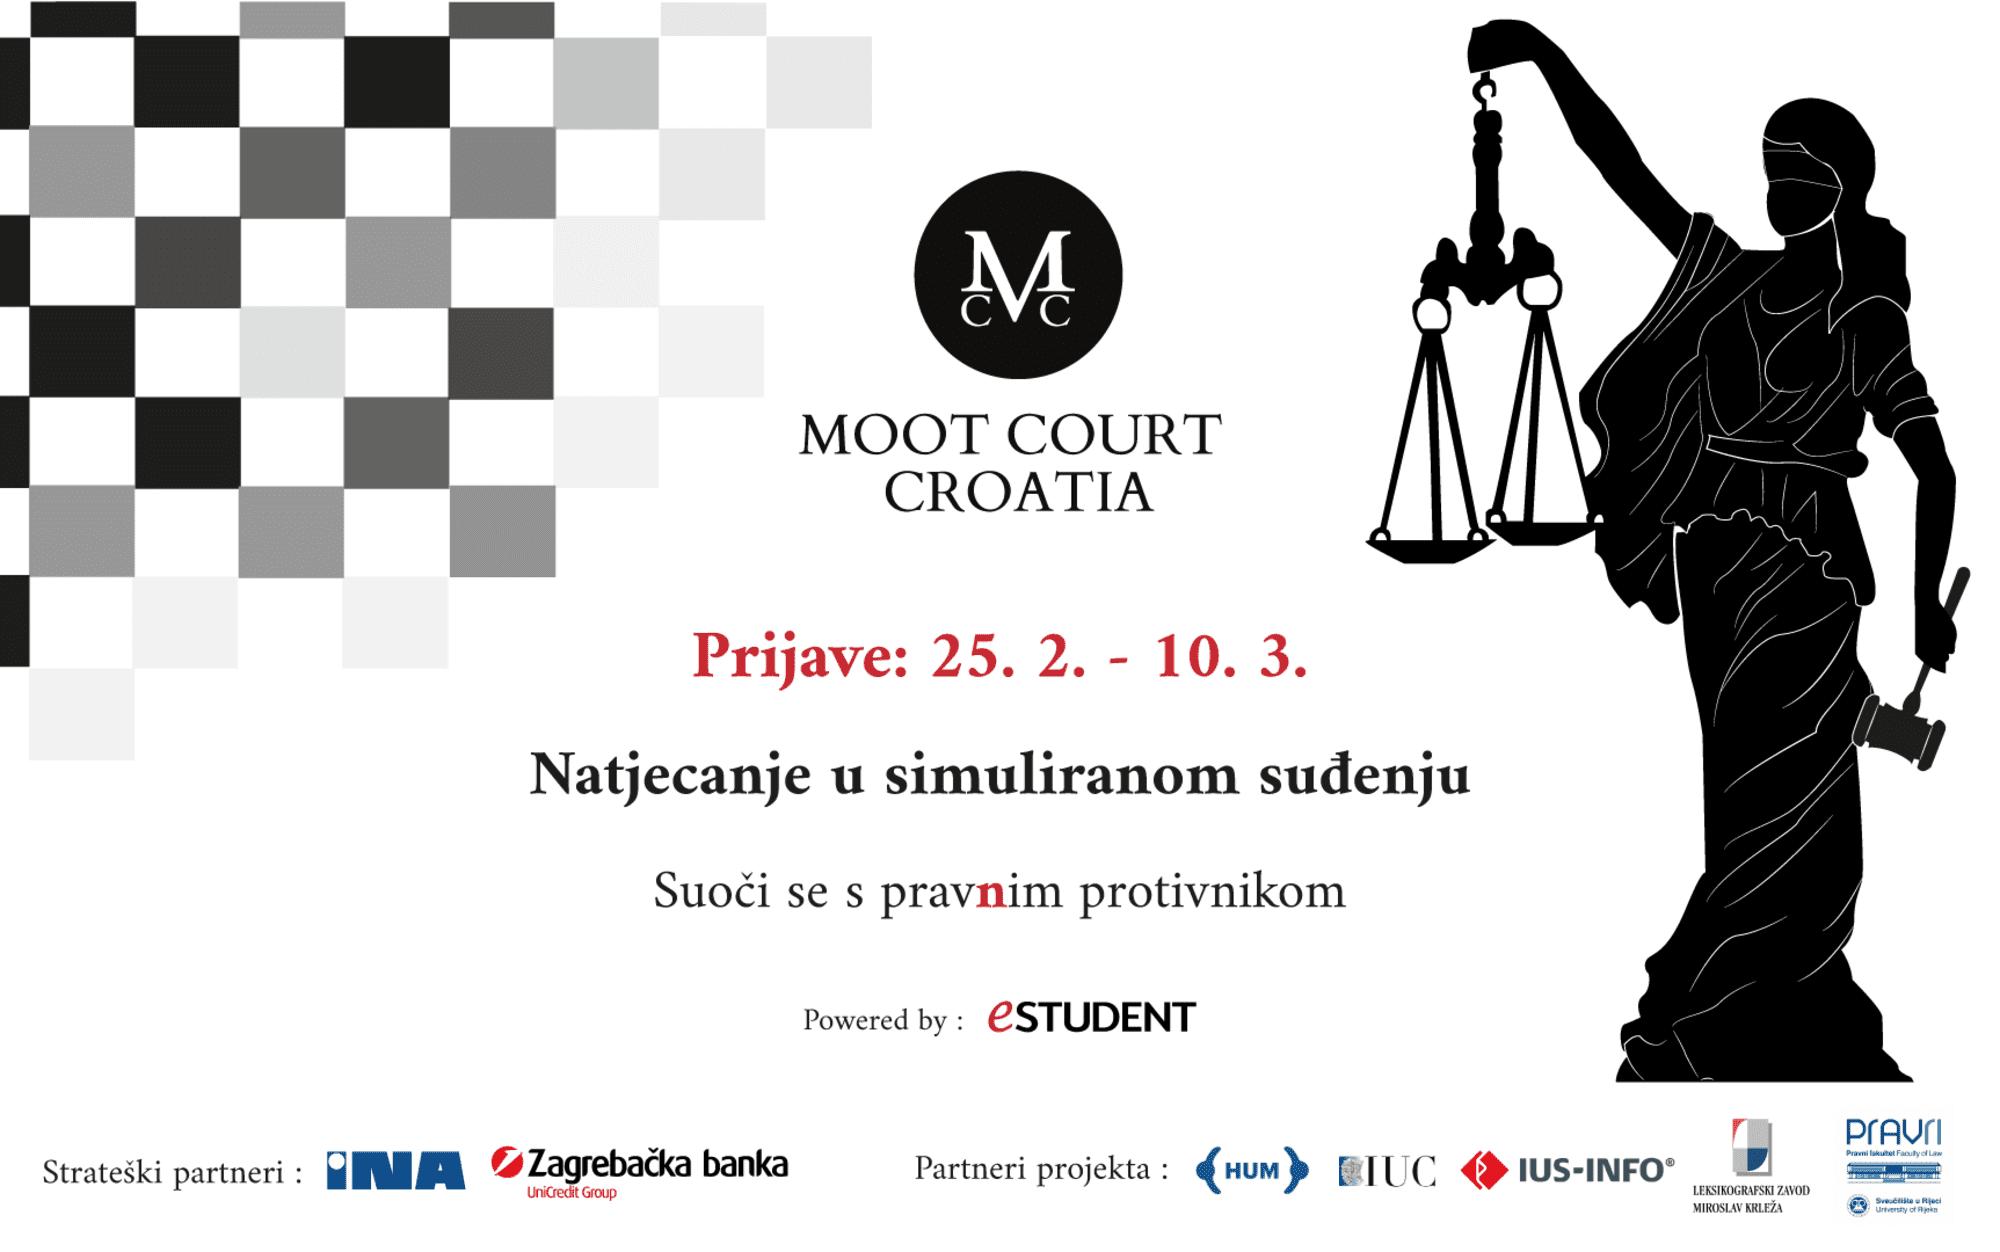 Prva radionica Moot Court Croatia je urodila brojnim korisnim savjetima!